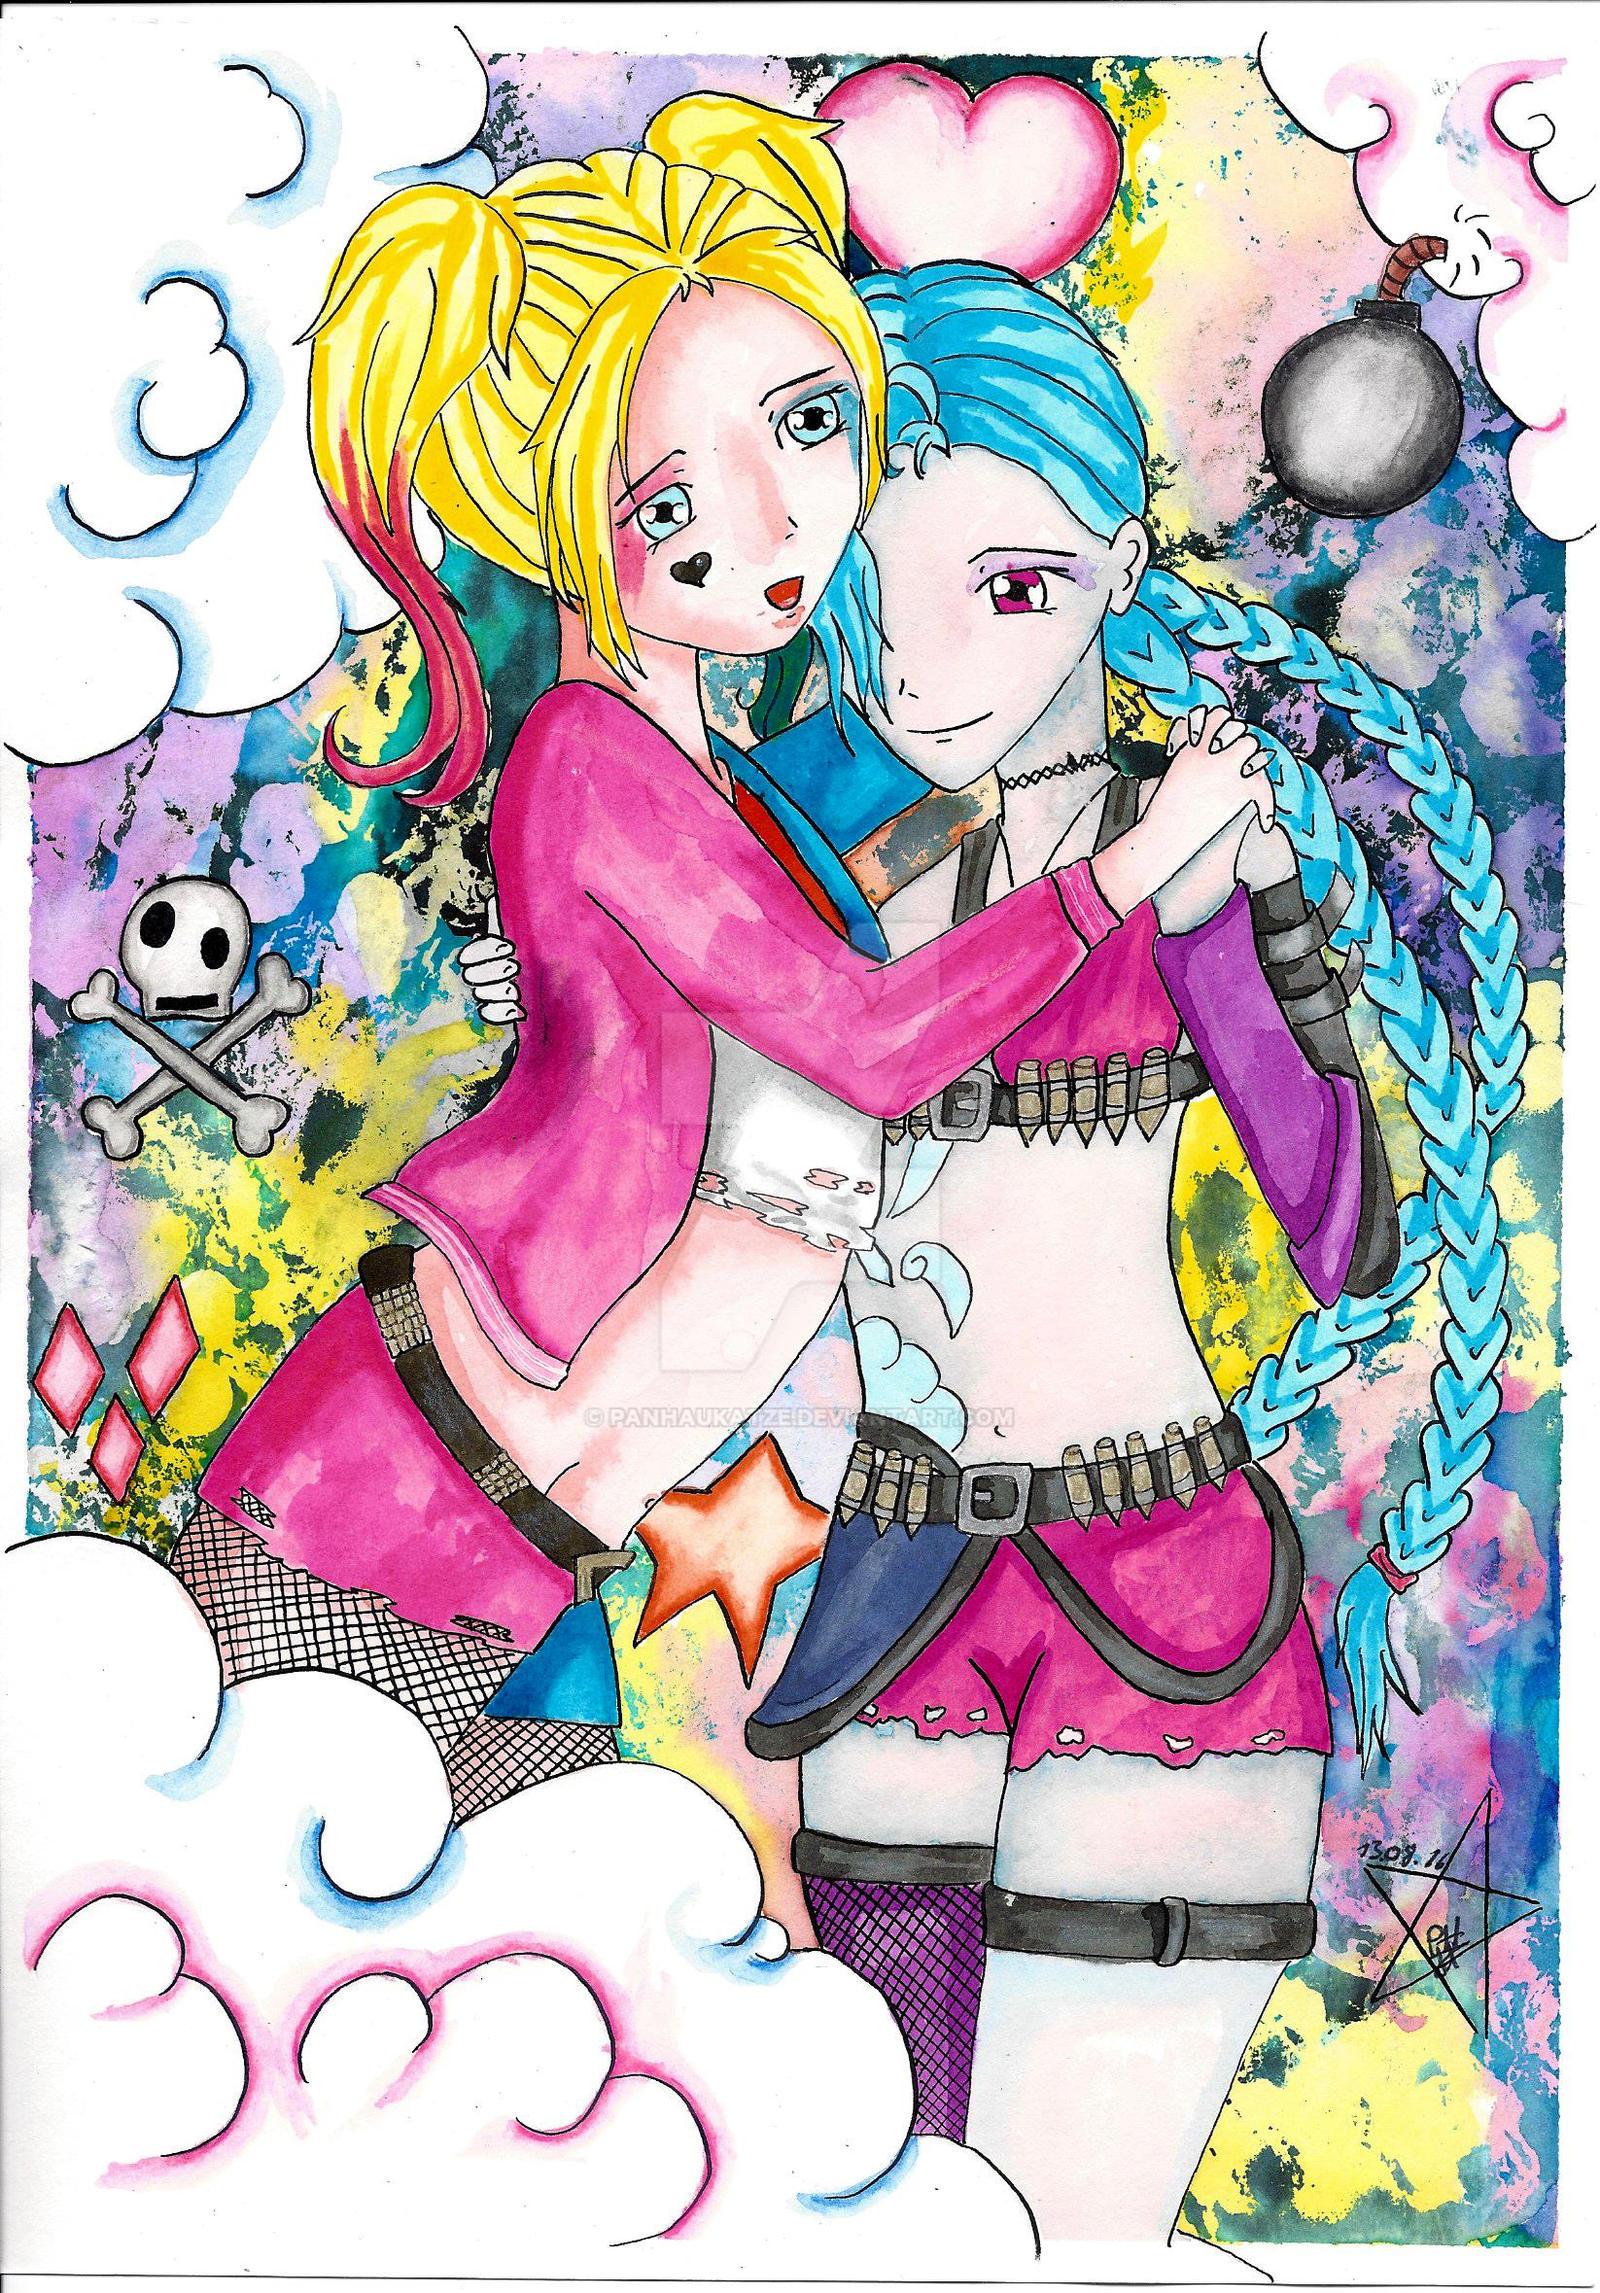 Harley und  jinx by PanHaukatze